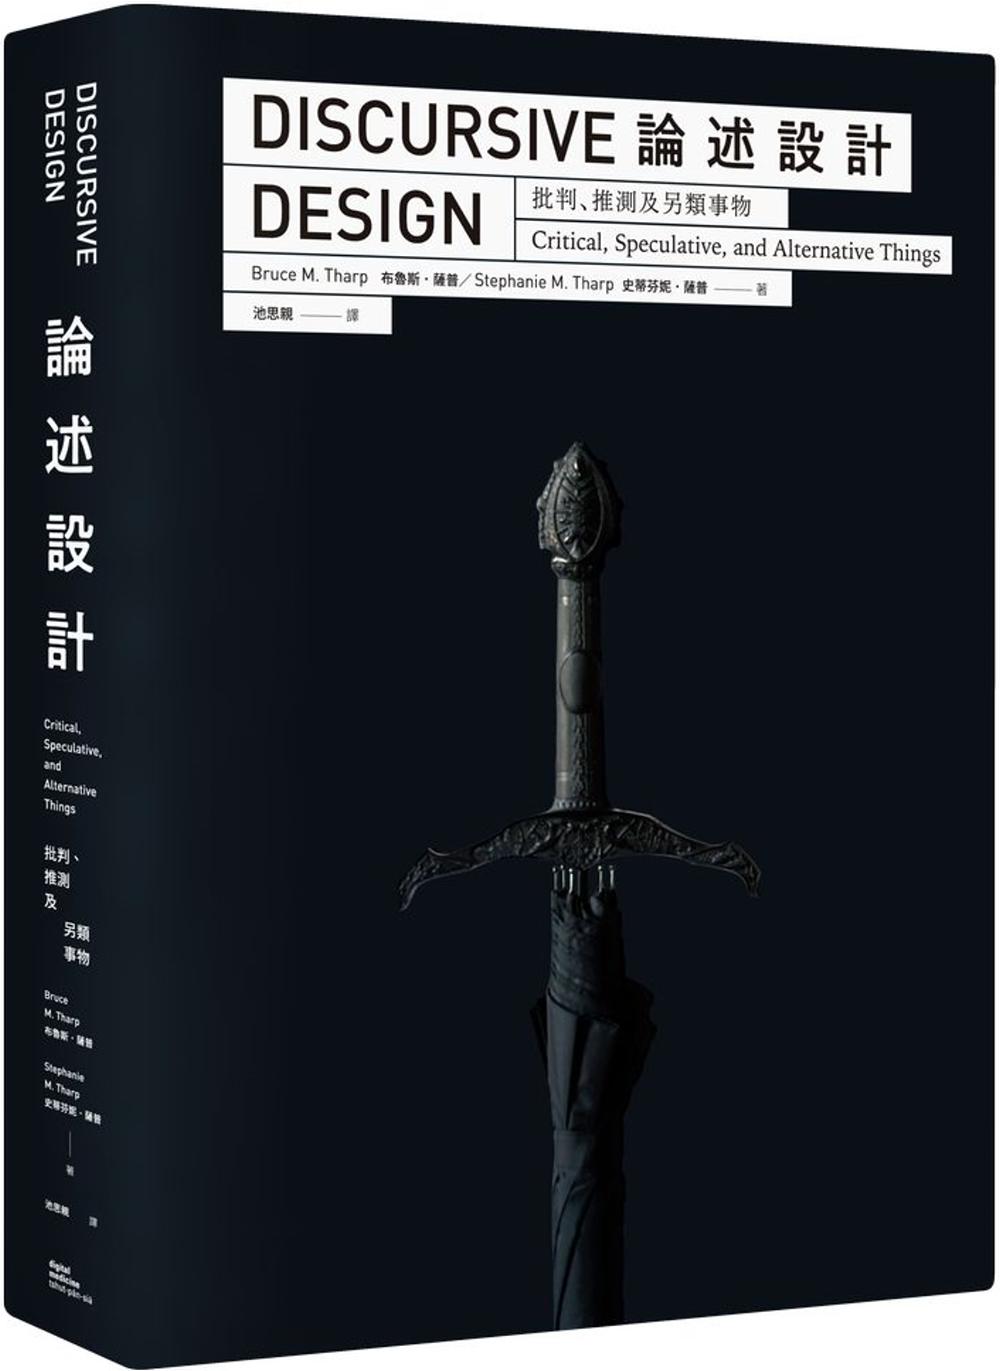 論述設計:批判、推測及另類事物